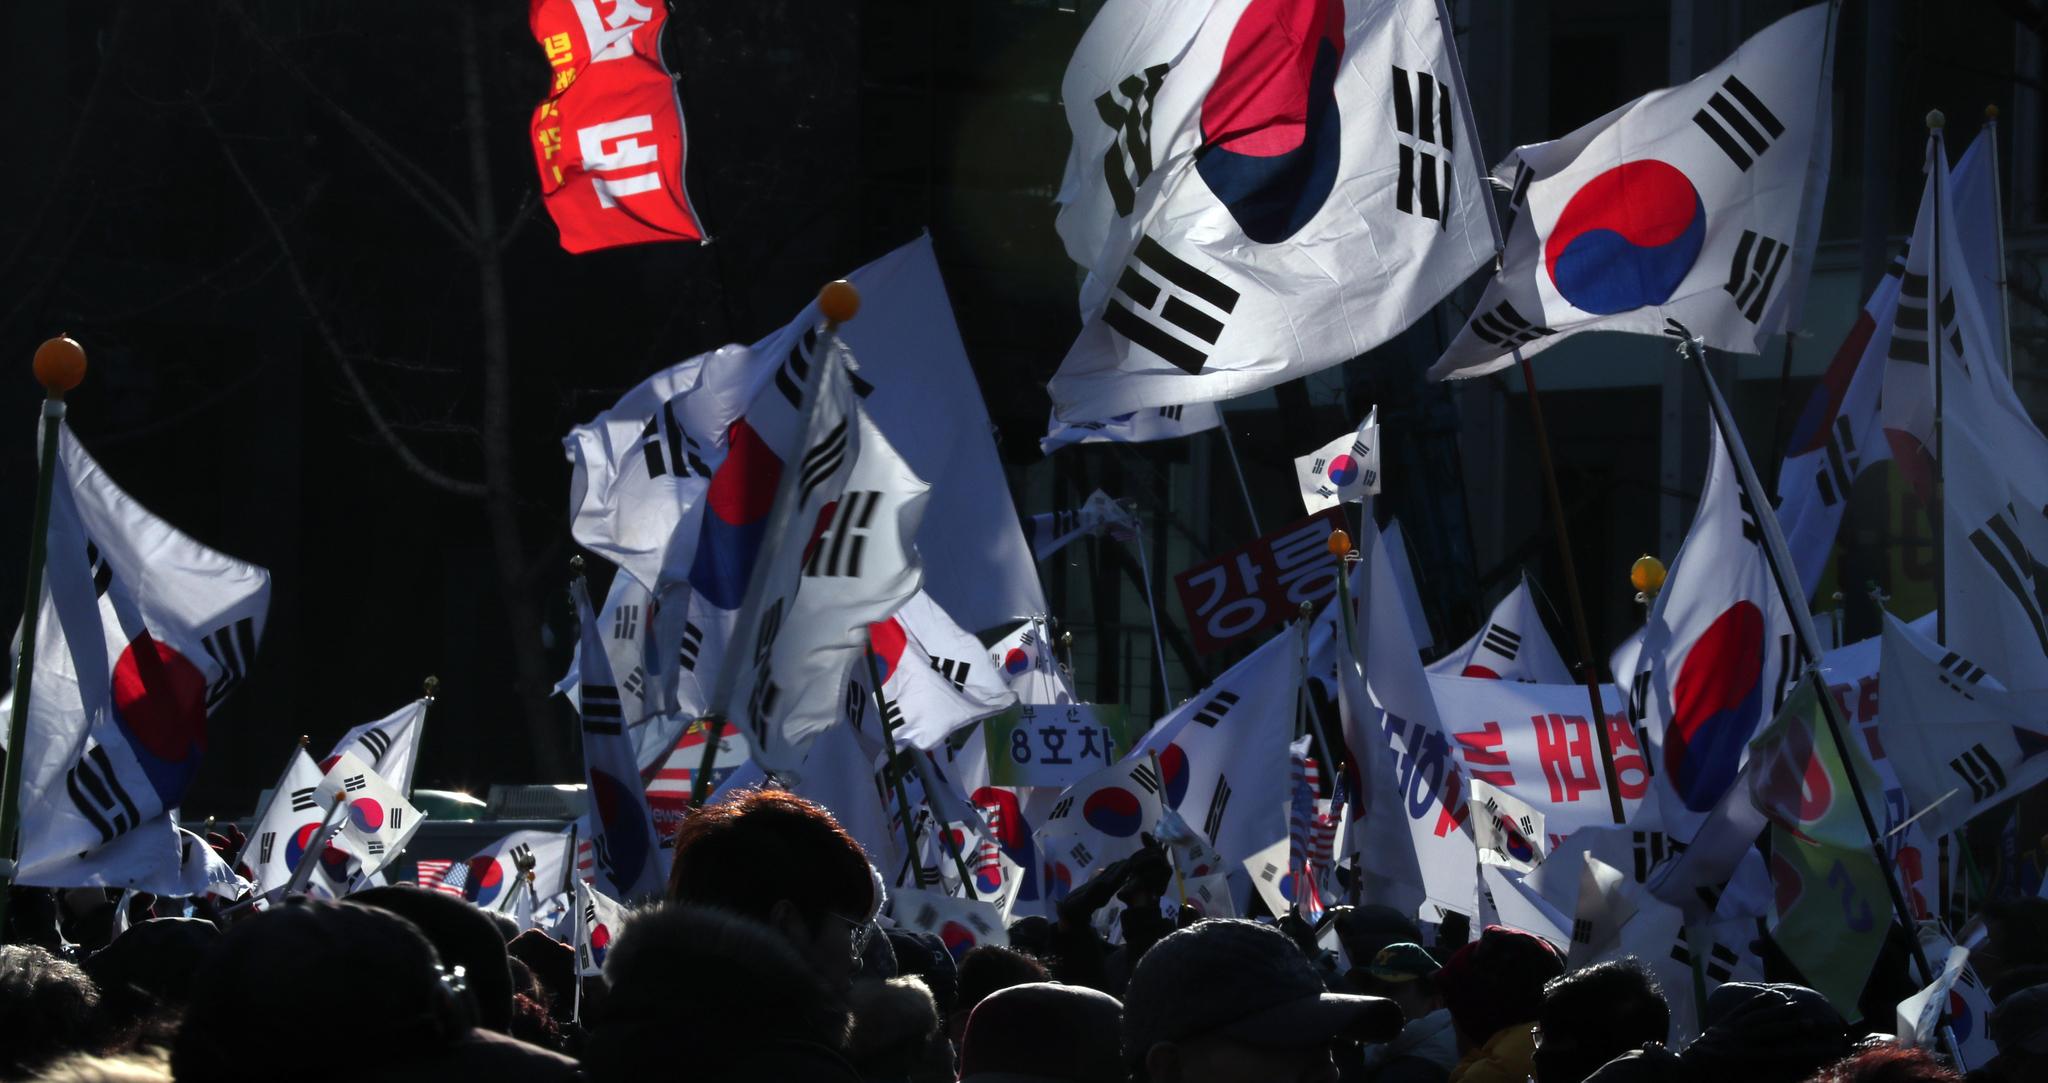 """박근혜 대통령은 """"여러분들께서 보내주신 '백만 통의 러브레터'를 잘 받았으며 잘 읽었다. 진심으로 고맙고, 감사드린다""""는 내용의 답신을 보냈다. [중앙포토]"""